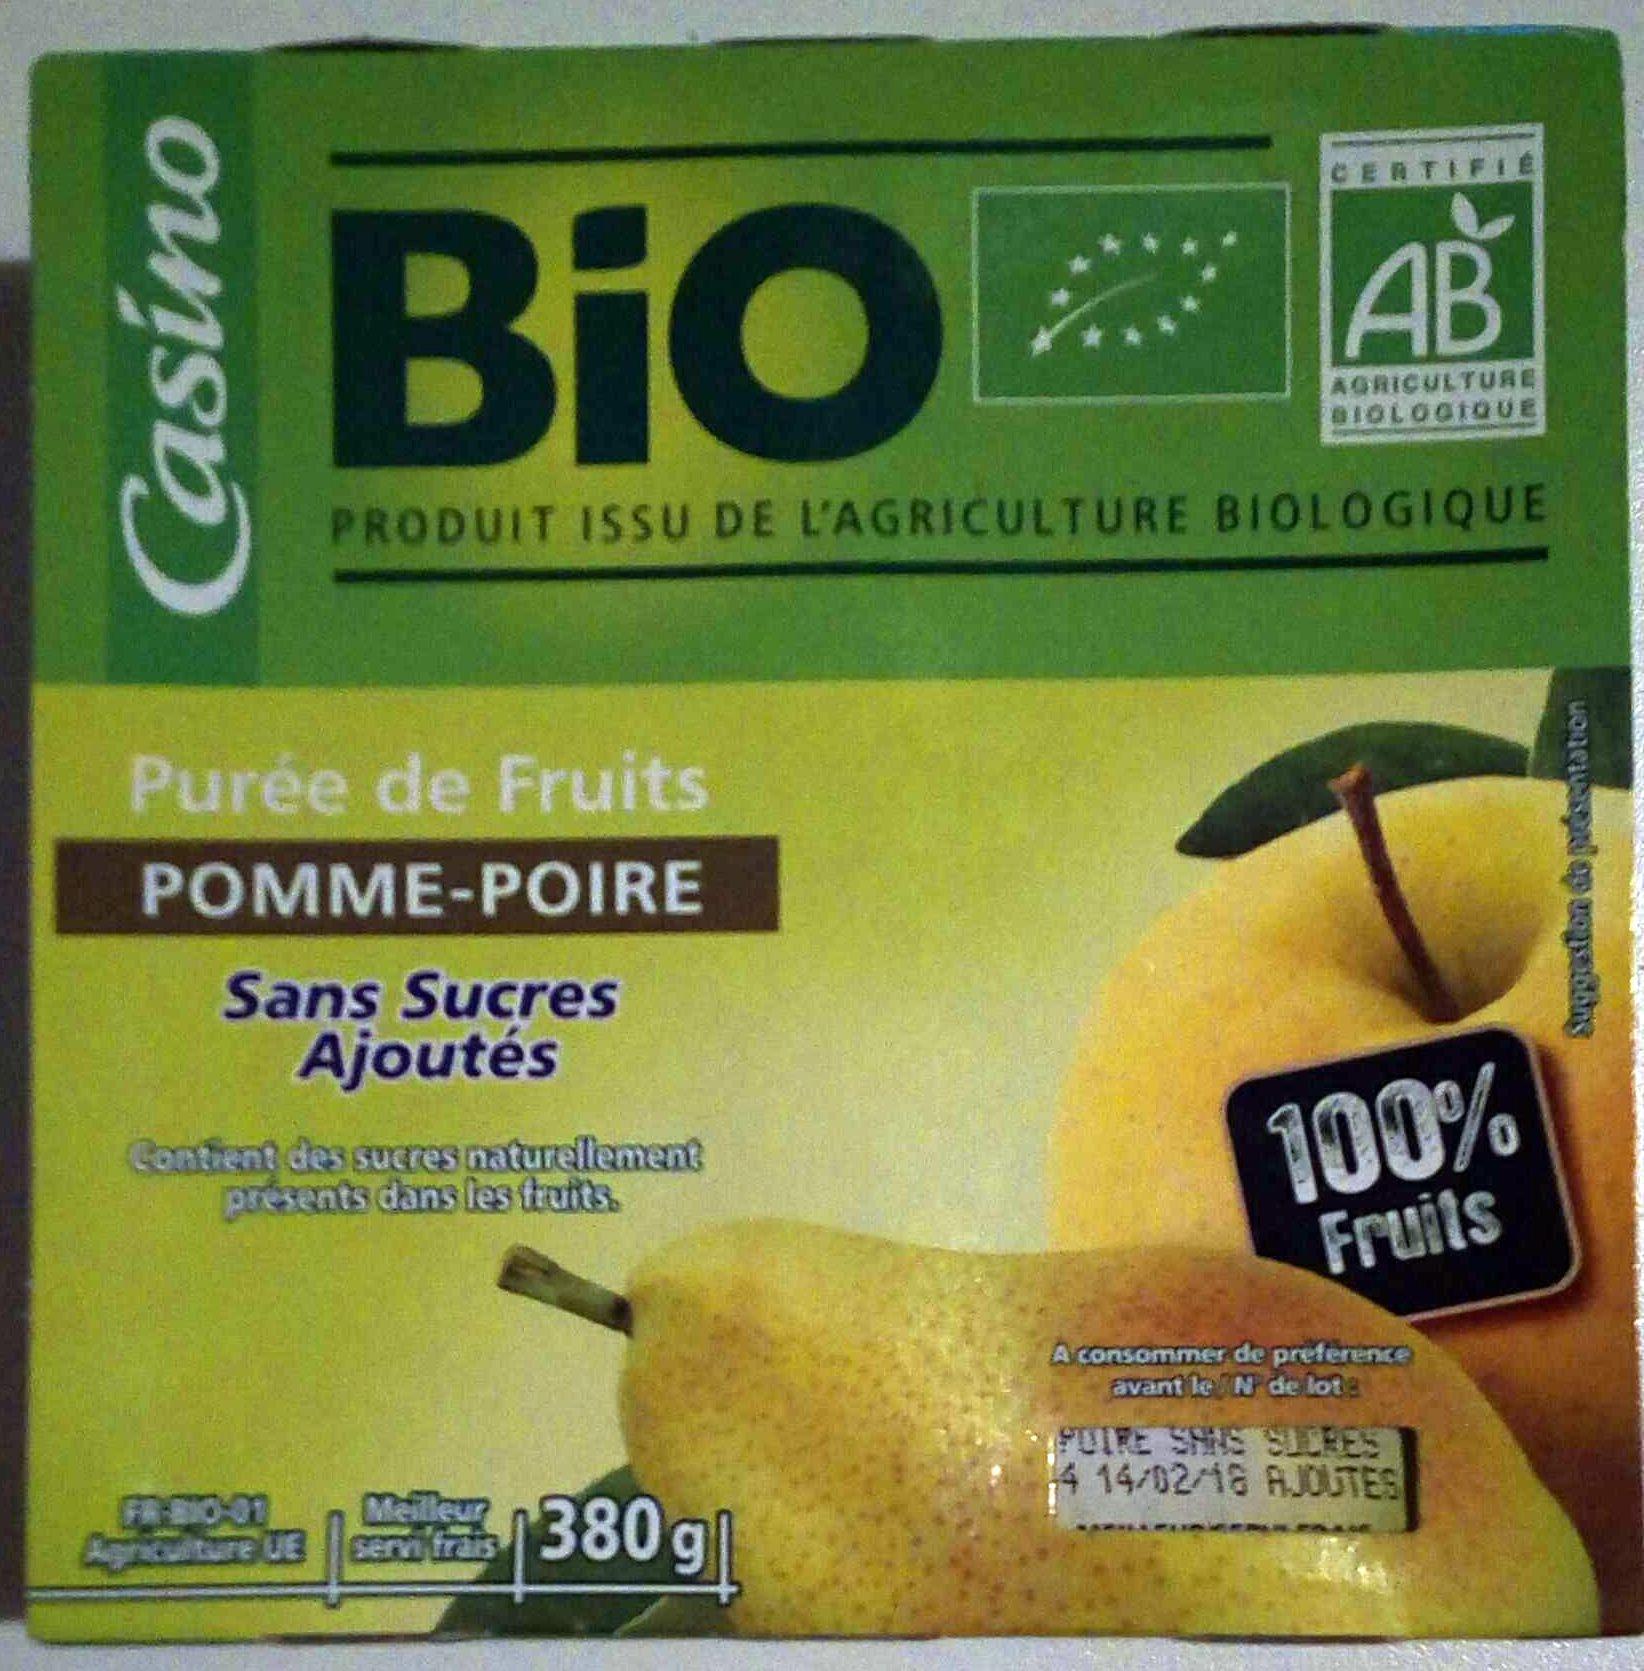 Purée pomme poire sans sucres ajoutés* *conformément à la réglementation. contient des sucres naturellement présents dans les fruits. - Product